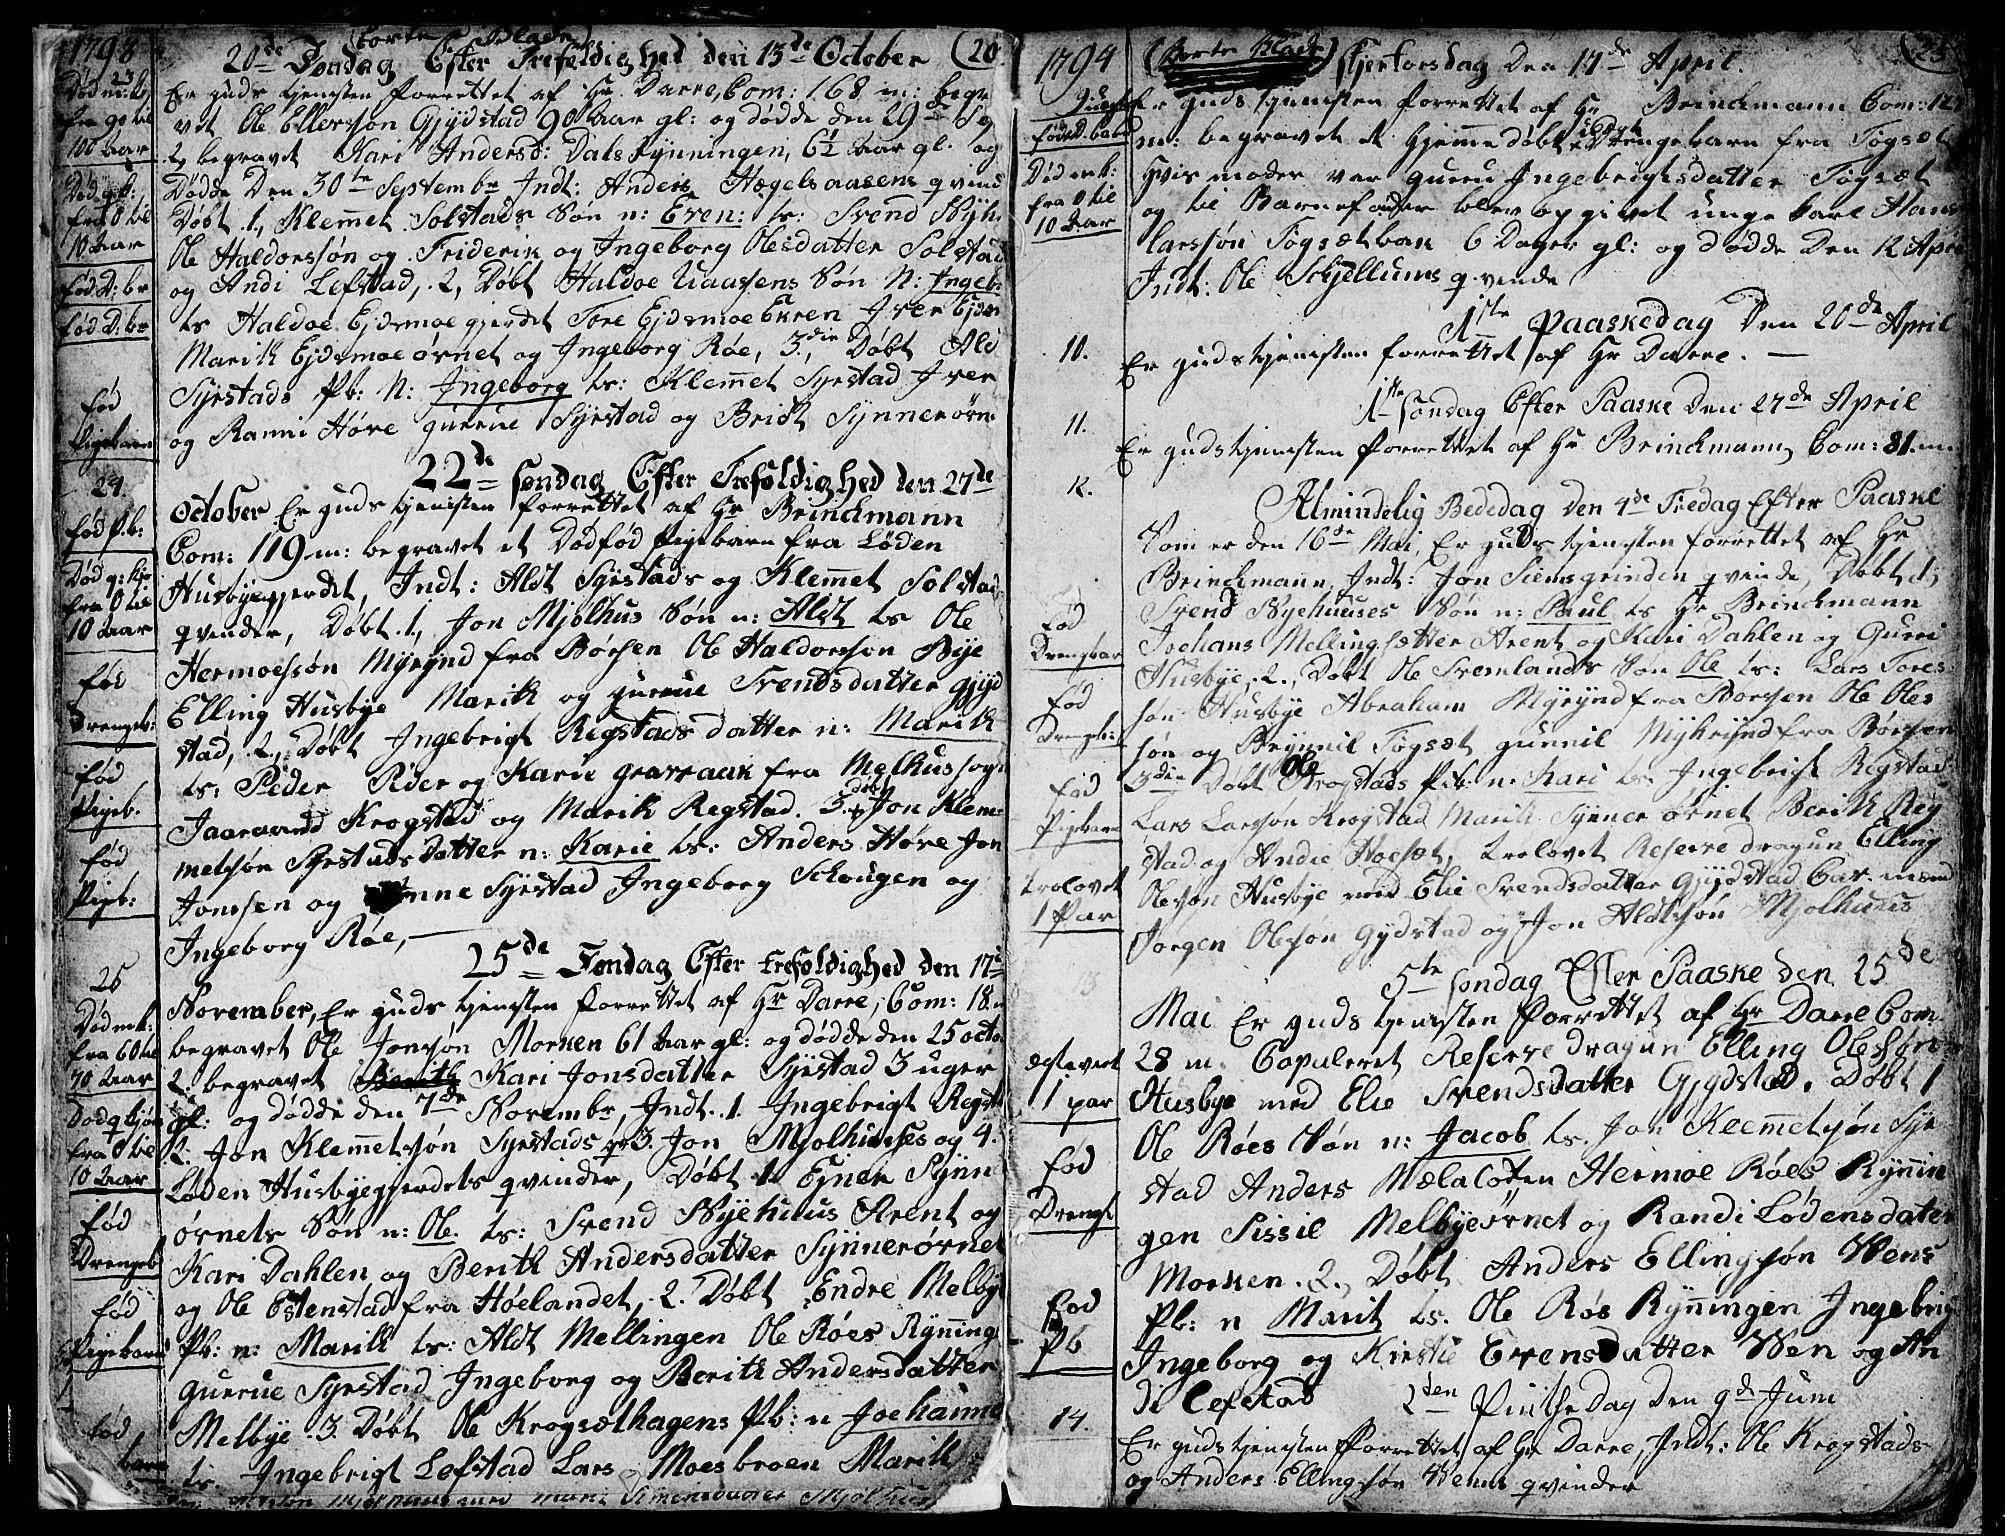 SAT, Ministerialprotokoller, klokkerbøker og fødselsregistre - Sør-Trøndelag, 667/L0794: Ministerialbok nr. 667A02, 1791-1816, s. 22-23